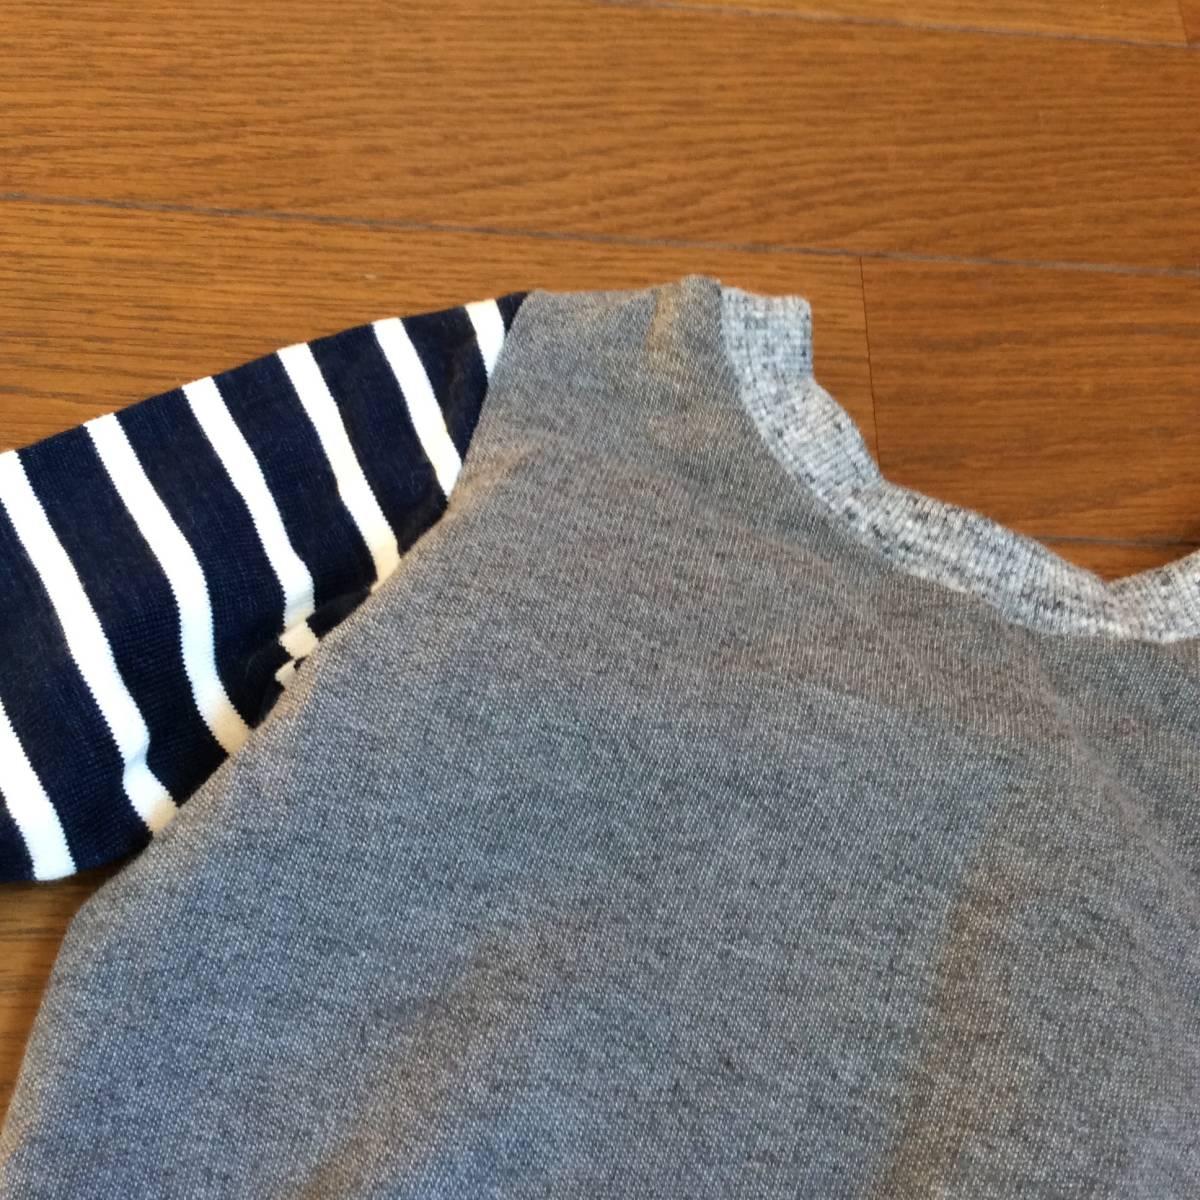 日々の服*ハンドメイド*切り替えT6分袖 100/ブルー、グレー、バード、鳥、ネイビー、グリーン_画像5